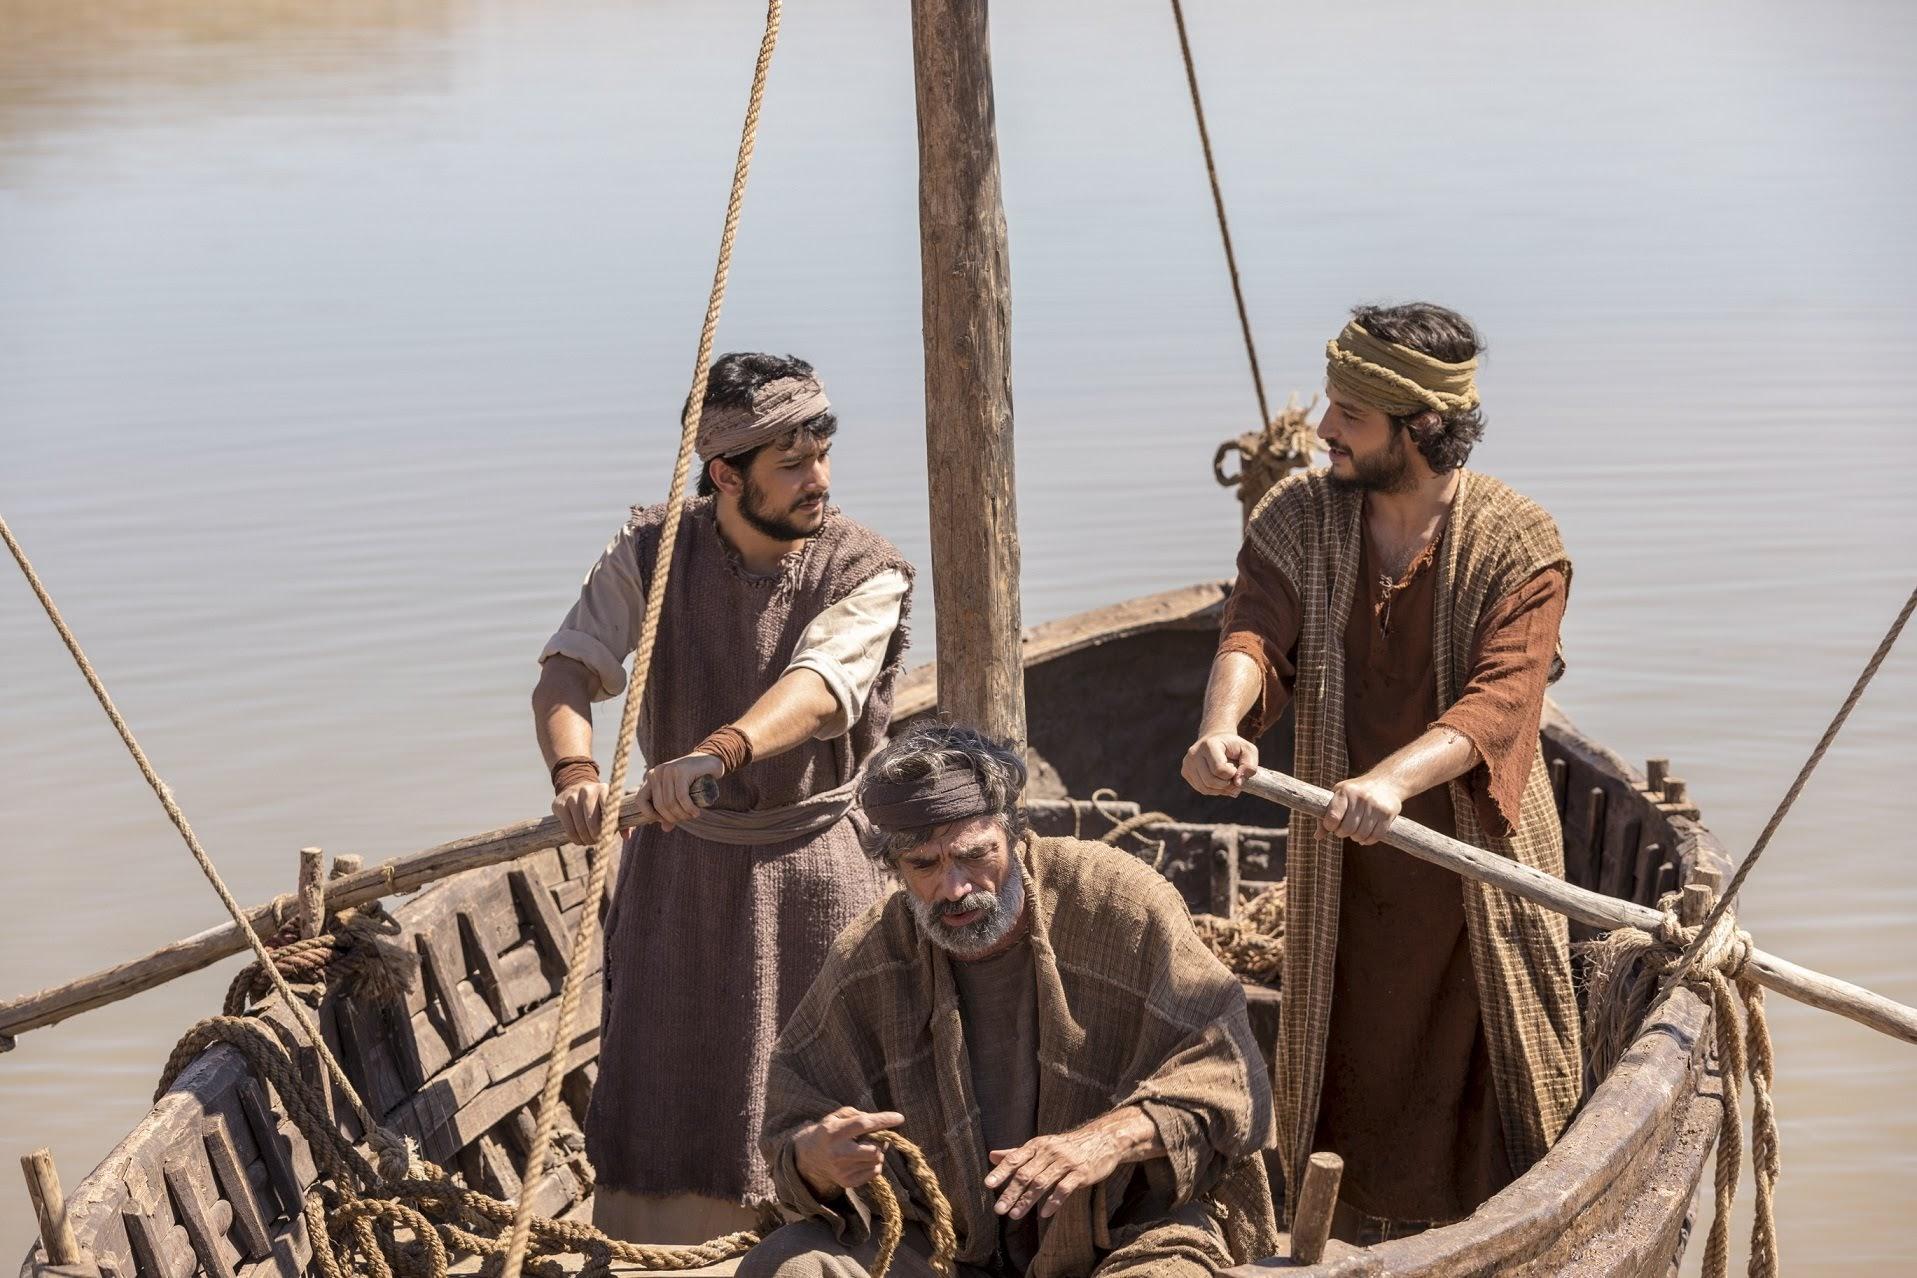 Pedro salva a vida de João Novela Jesus